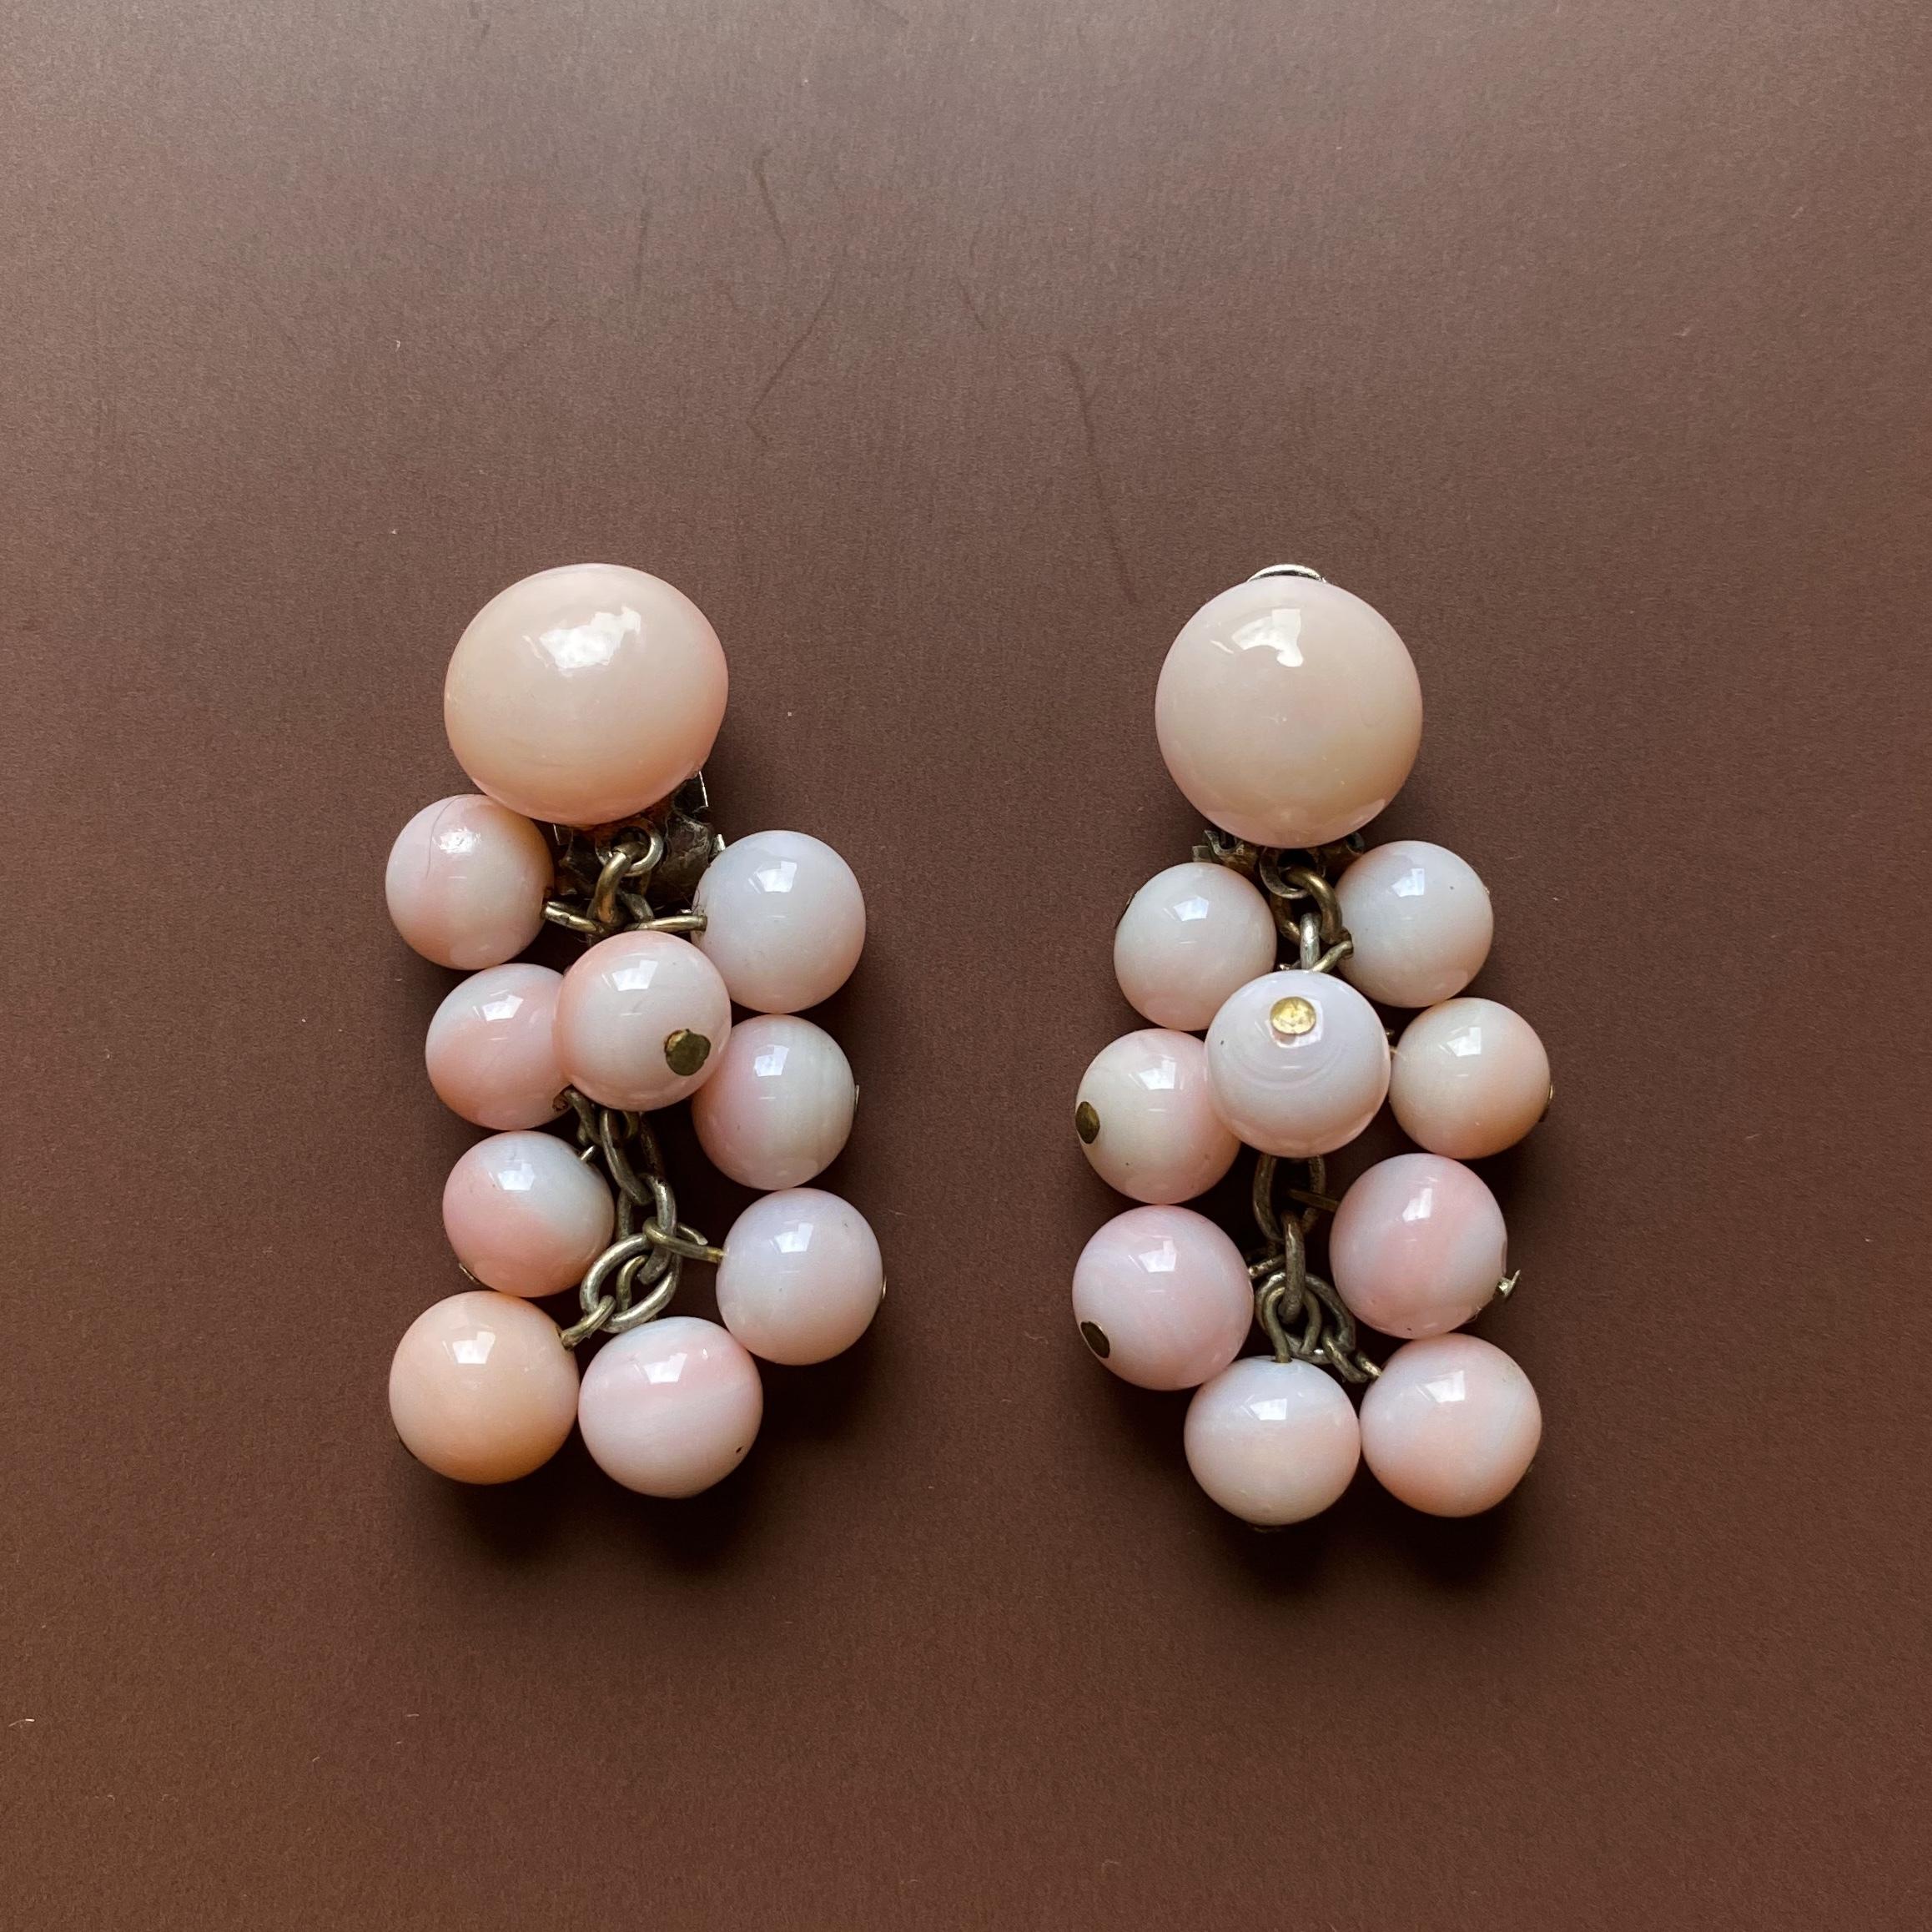 France ピンクグラスのブーケイヤリング /  ac0116